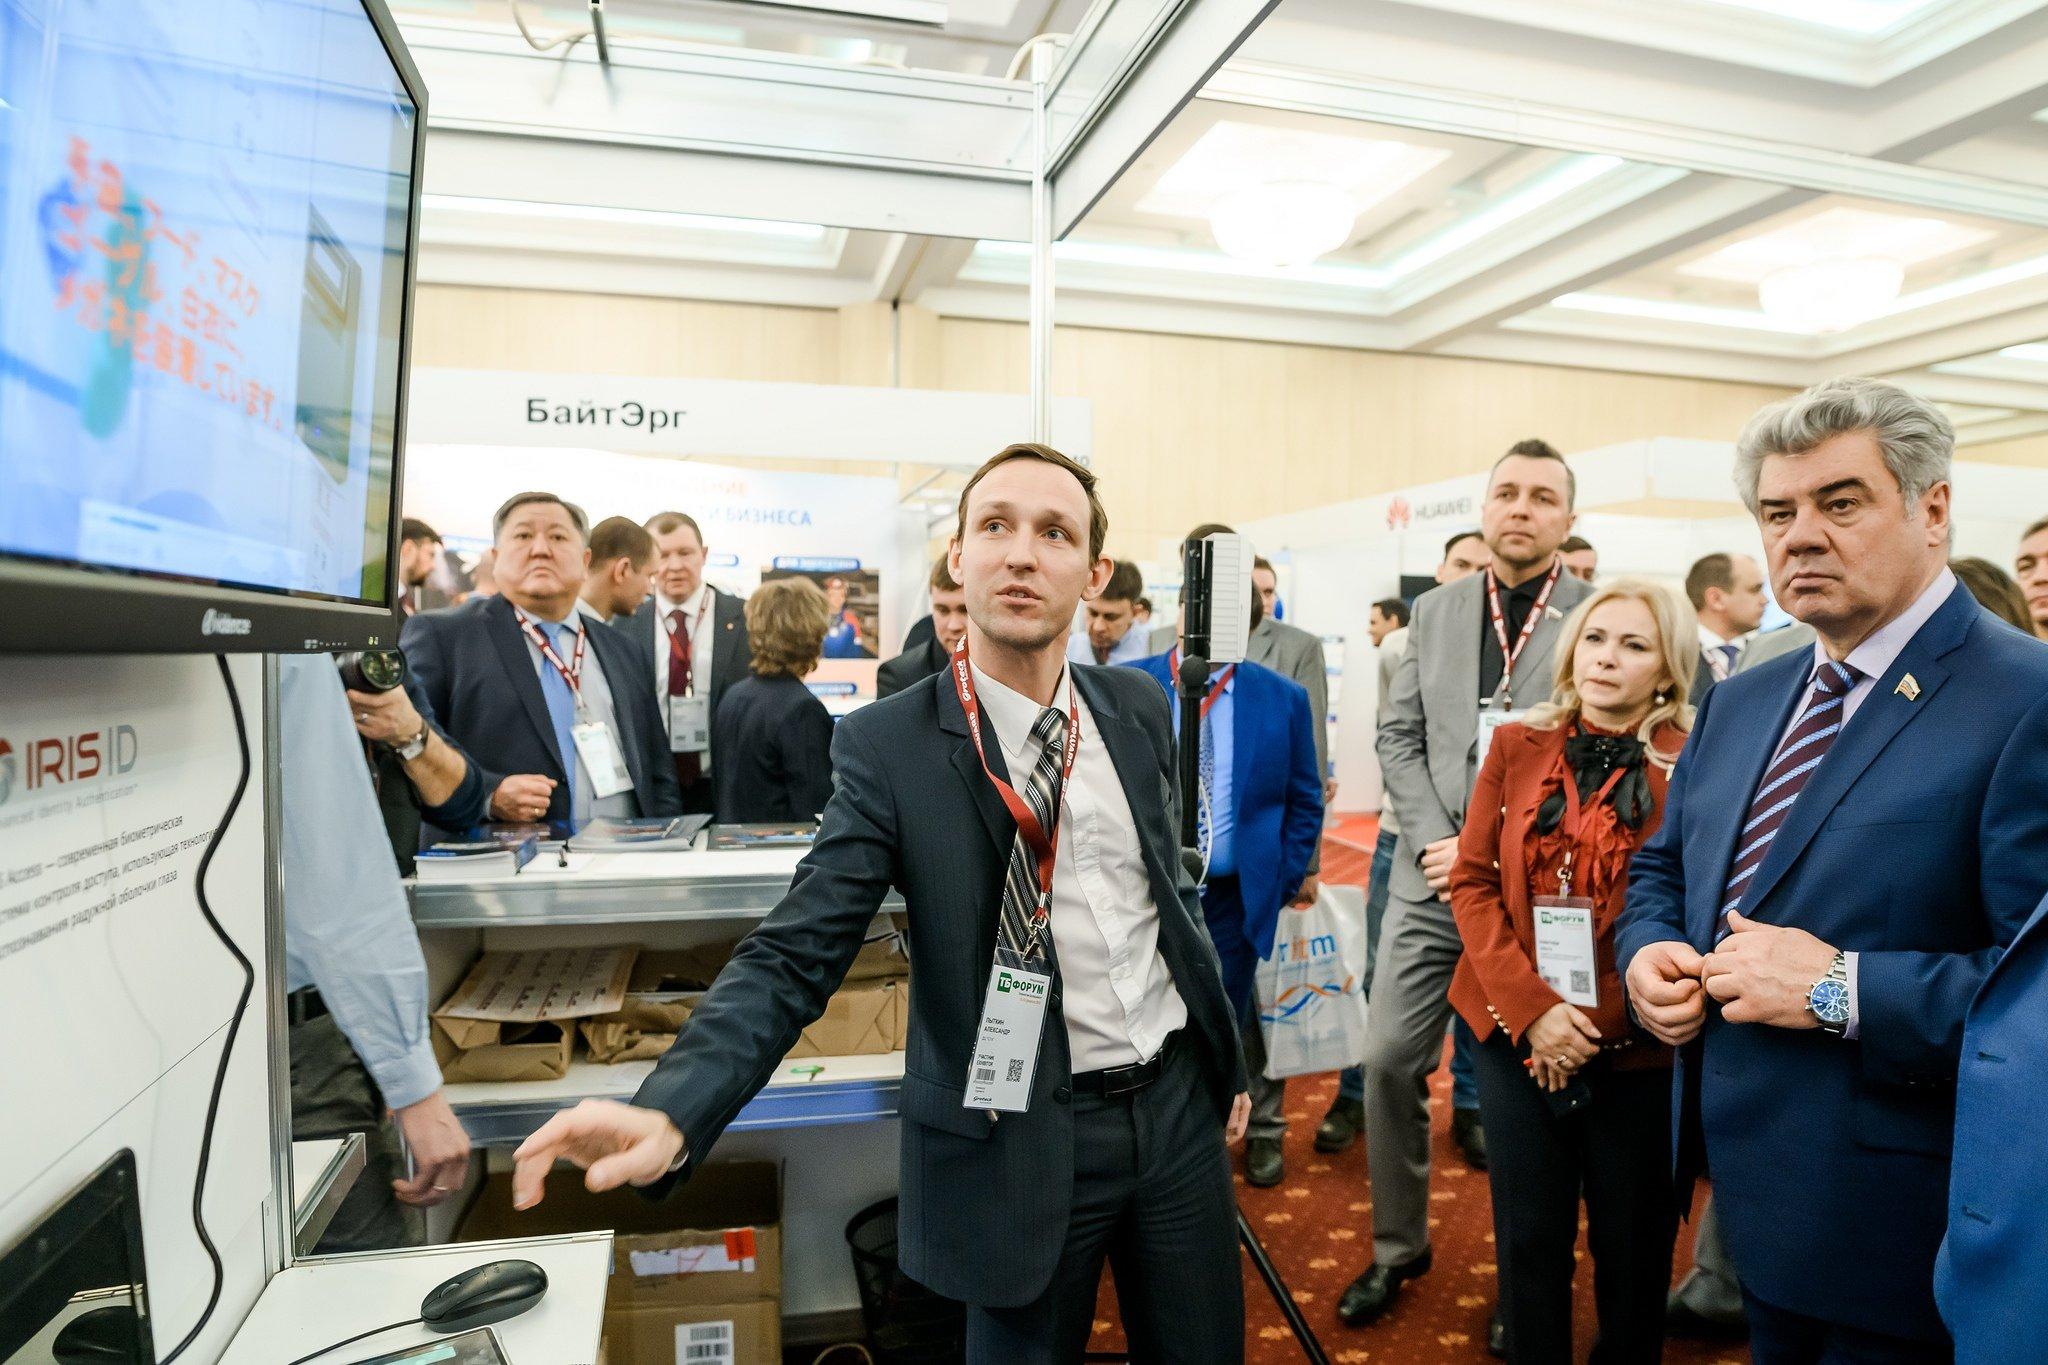 Представители объектов с массовым пребыванием людей готовы обсудить с поставщиками современные технологии в сфере безопасности